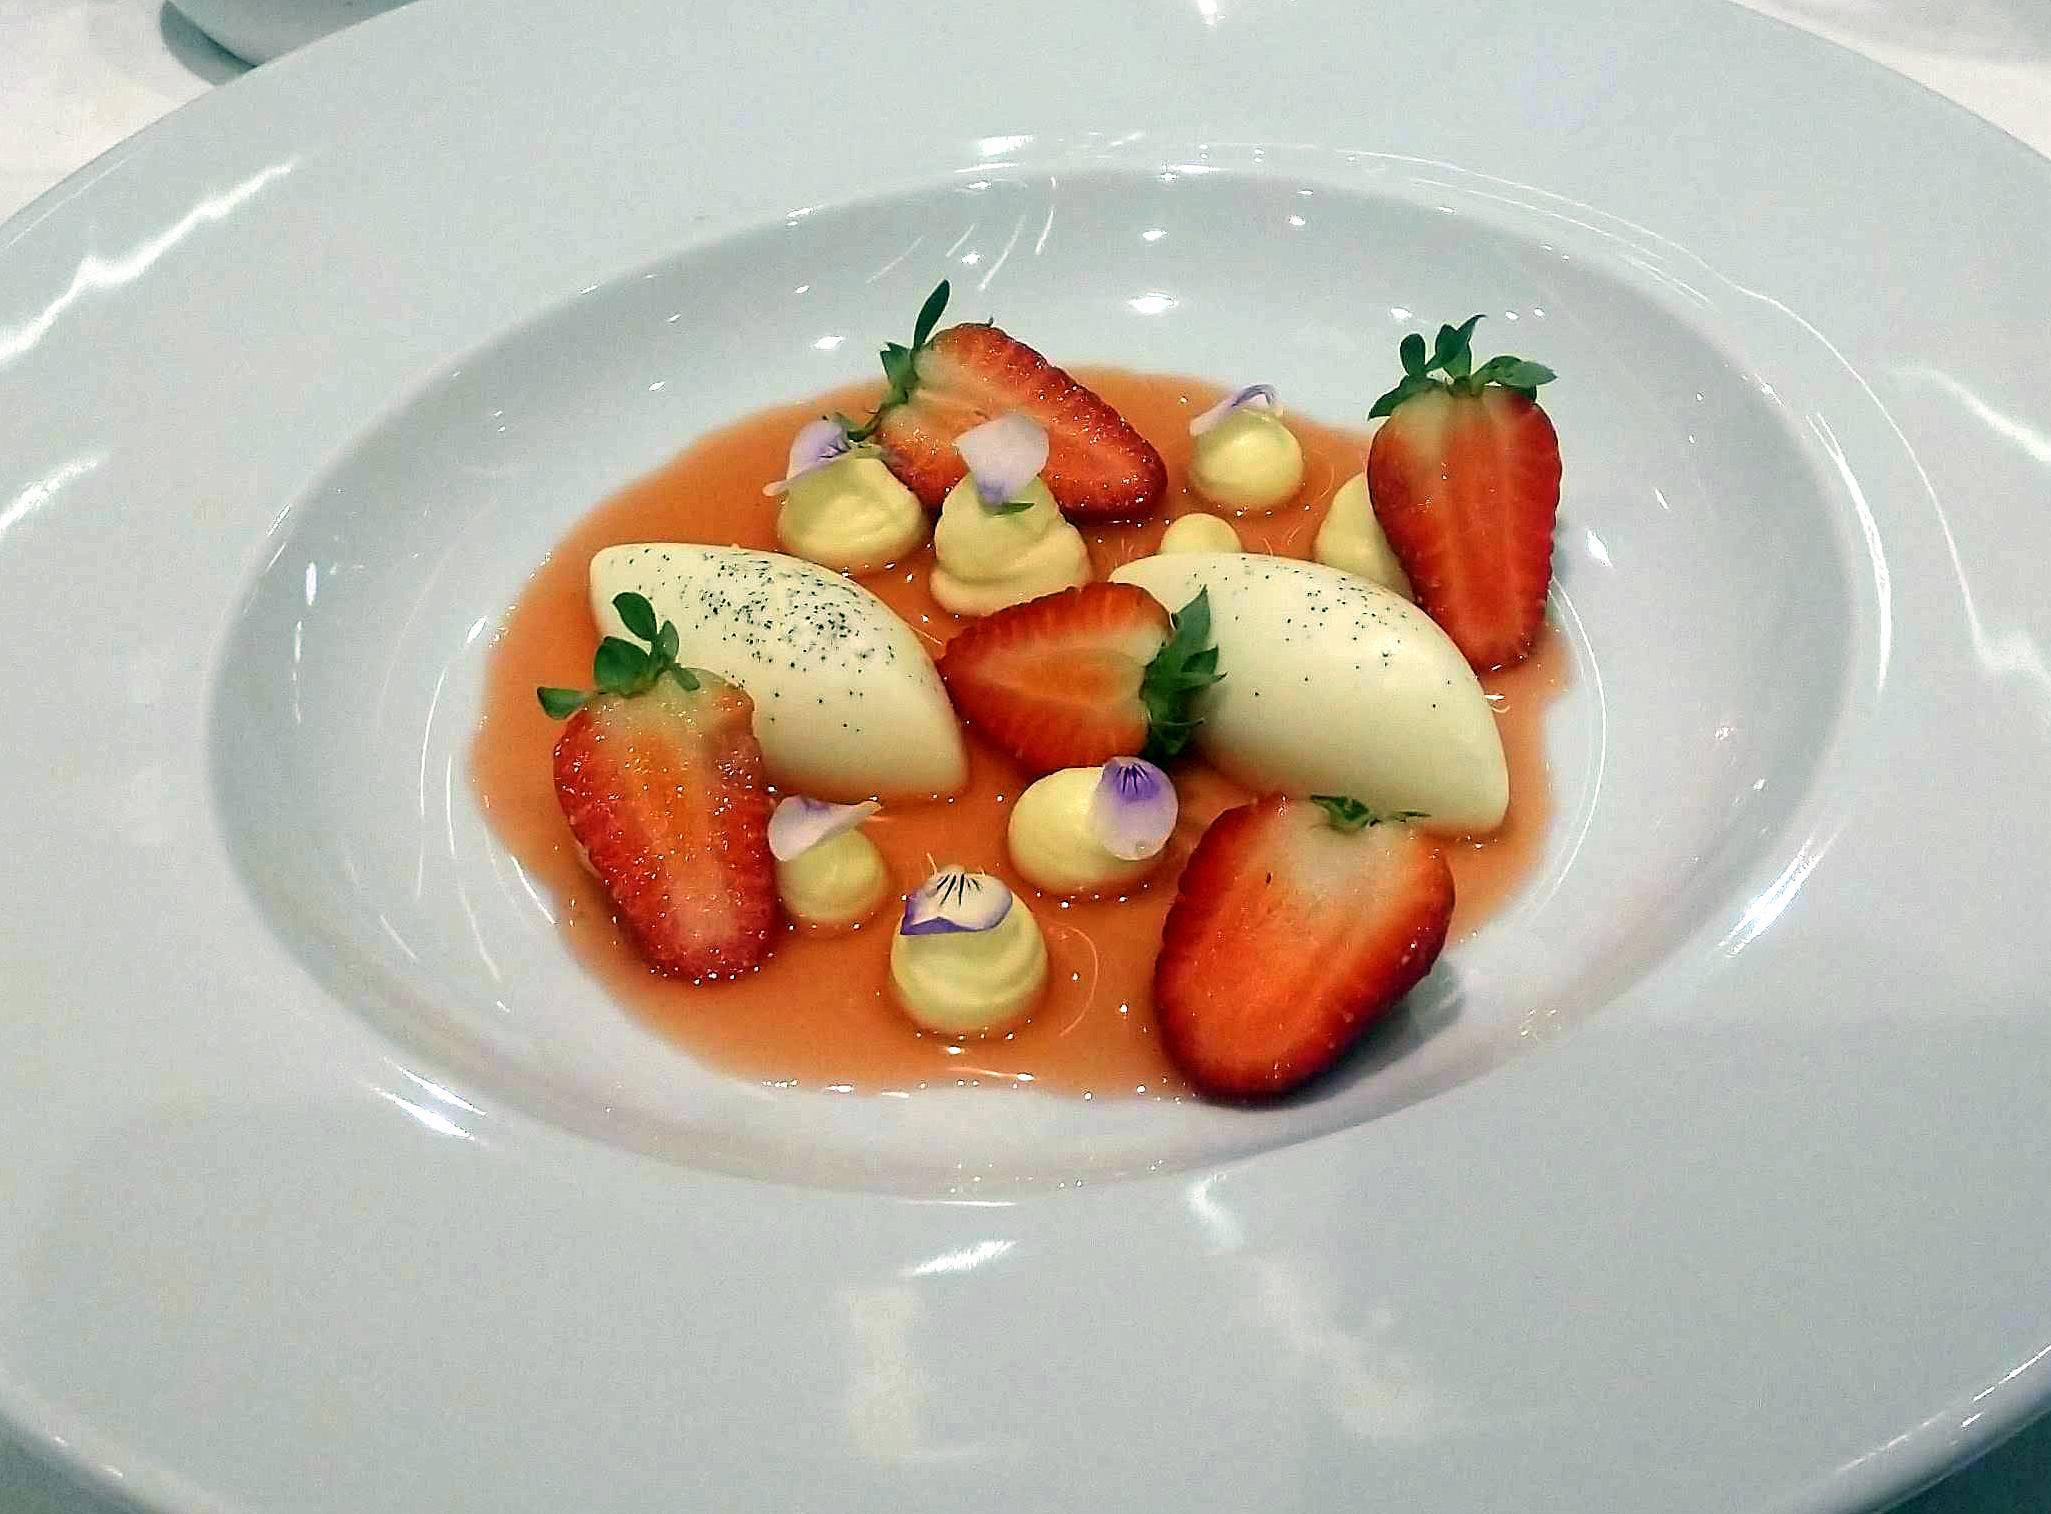 Panna cotta, morangos, calda de morangos e pétalas de amor-perfeito - a sobremesa.